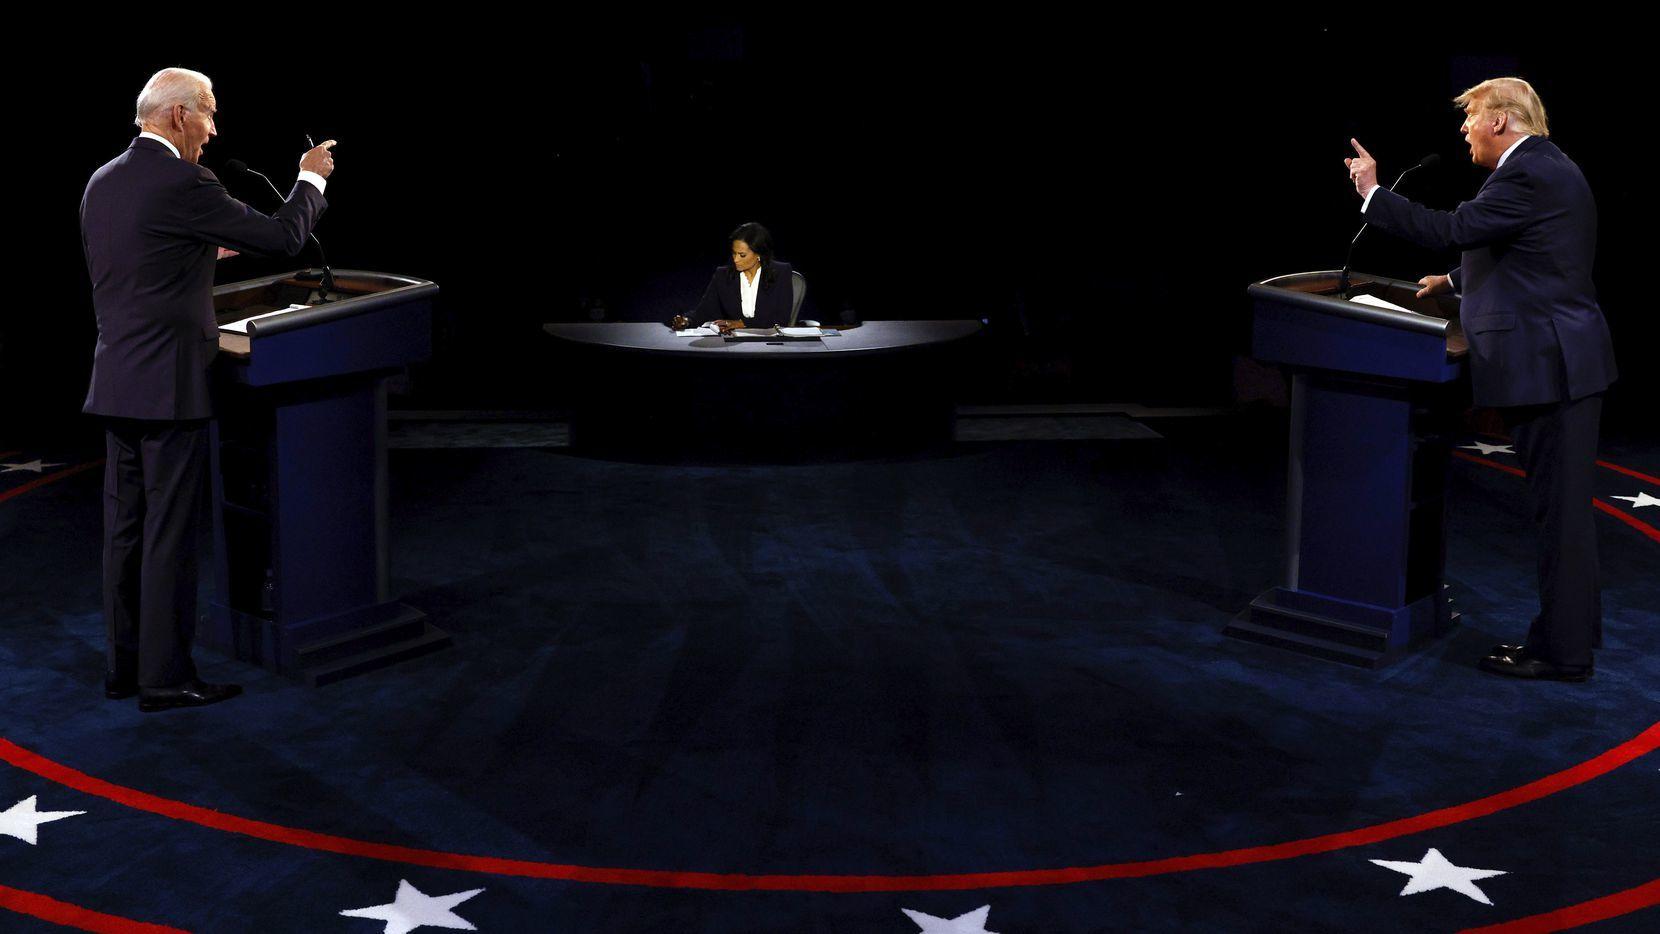 Less chaotic final Trump and Biden debate covers coronavirus, racism, personal attacks